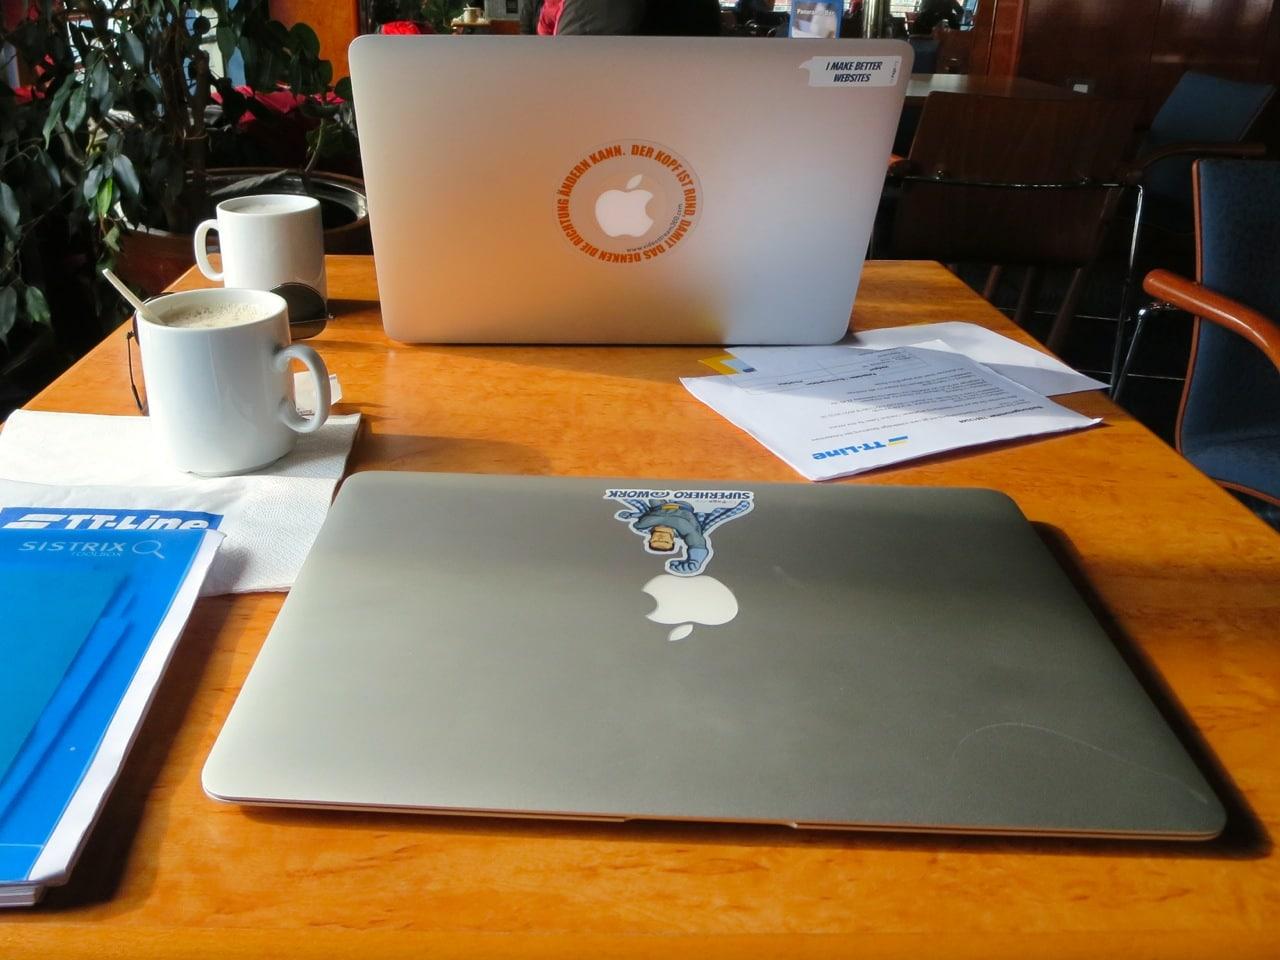 Zwei Laptops auf einem Tisch